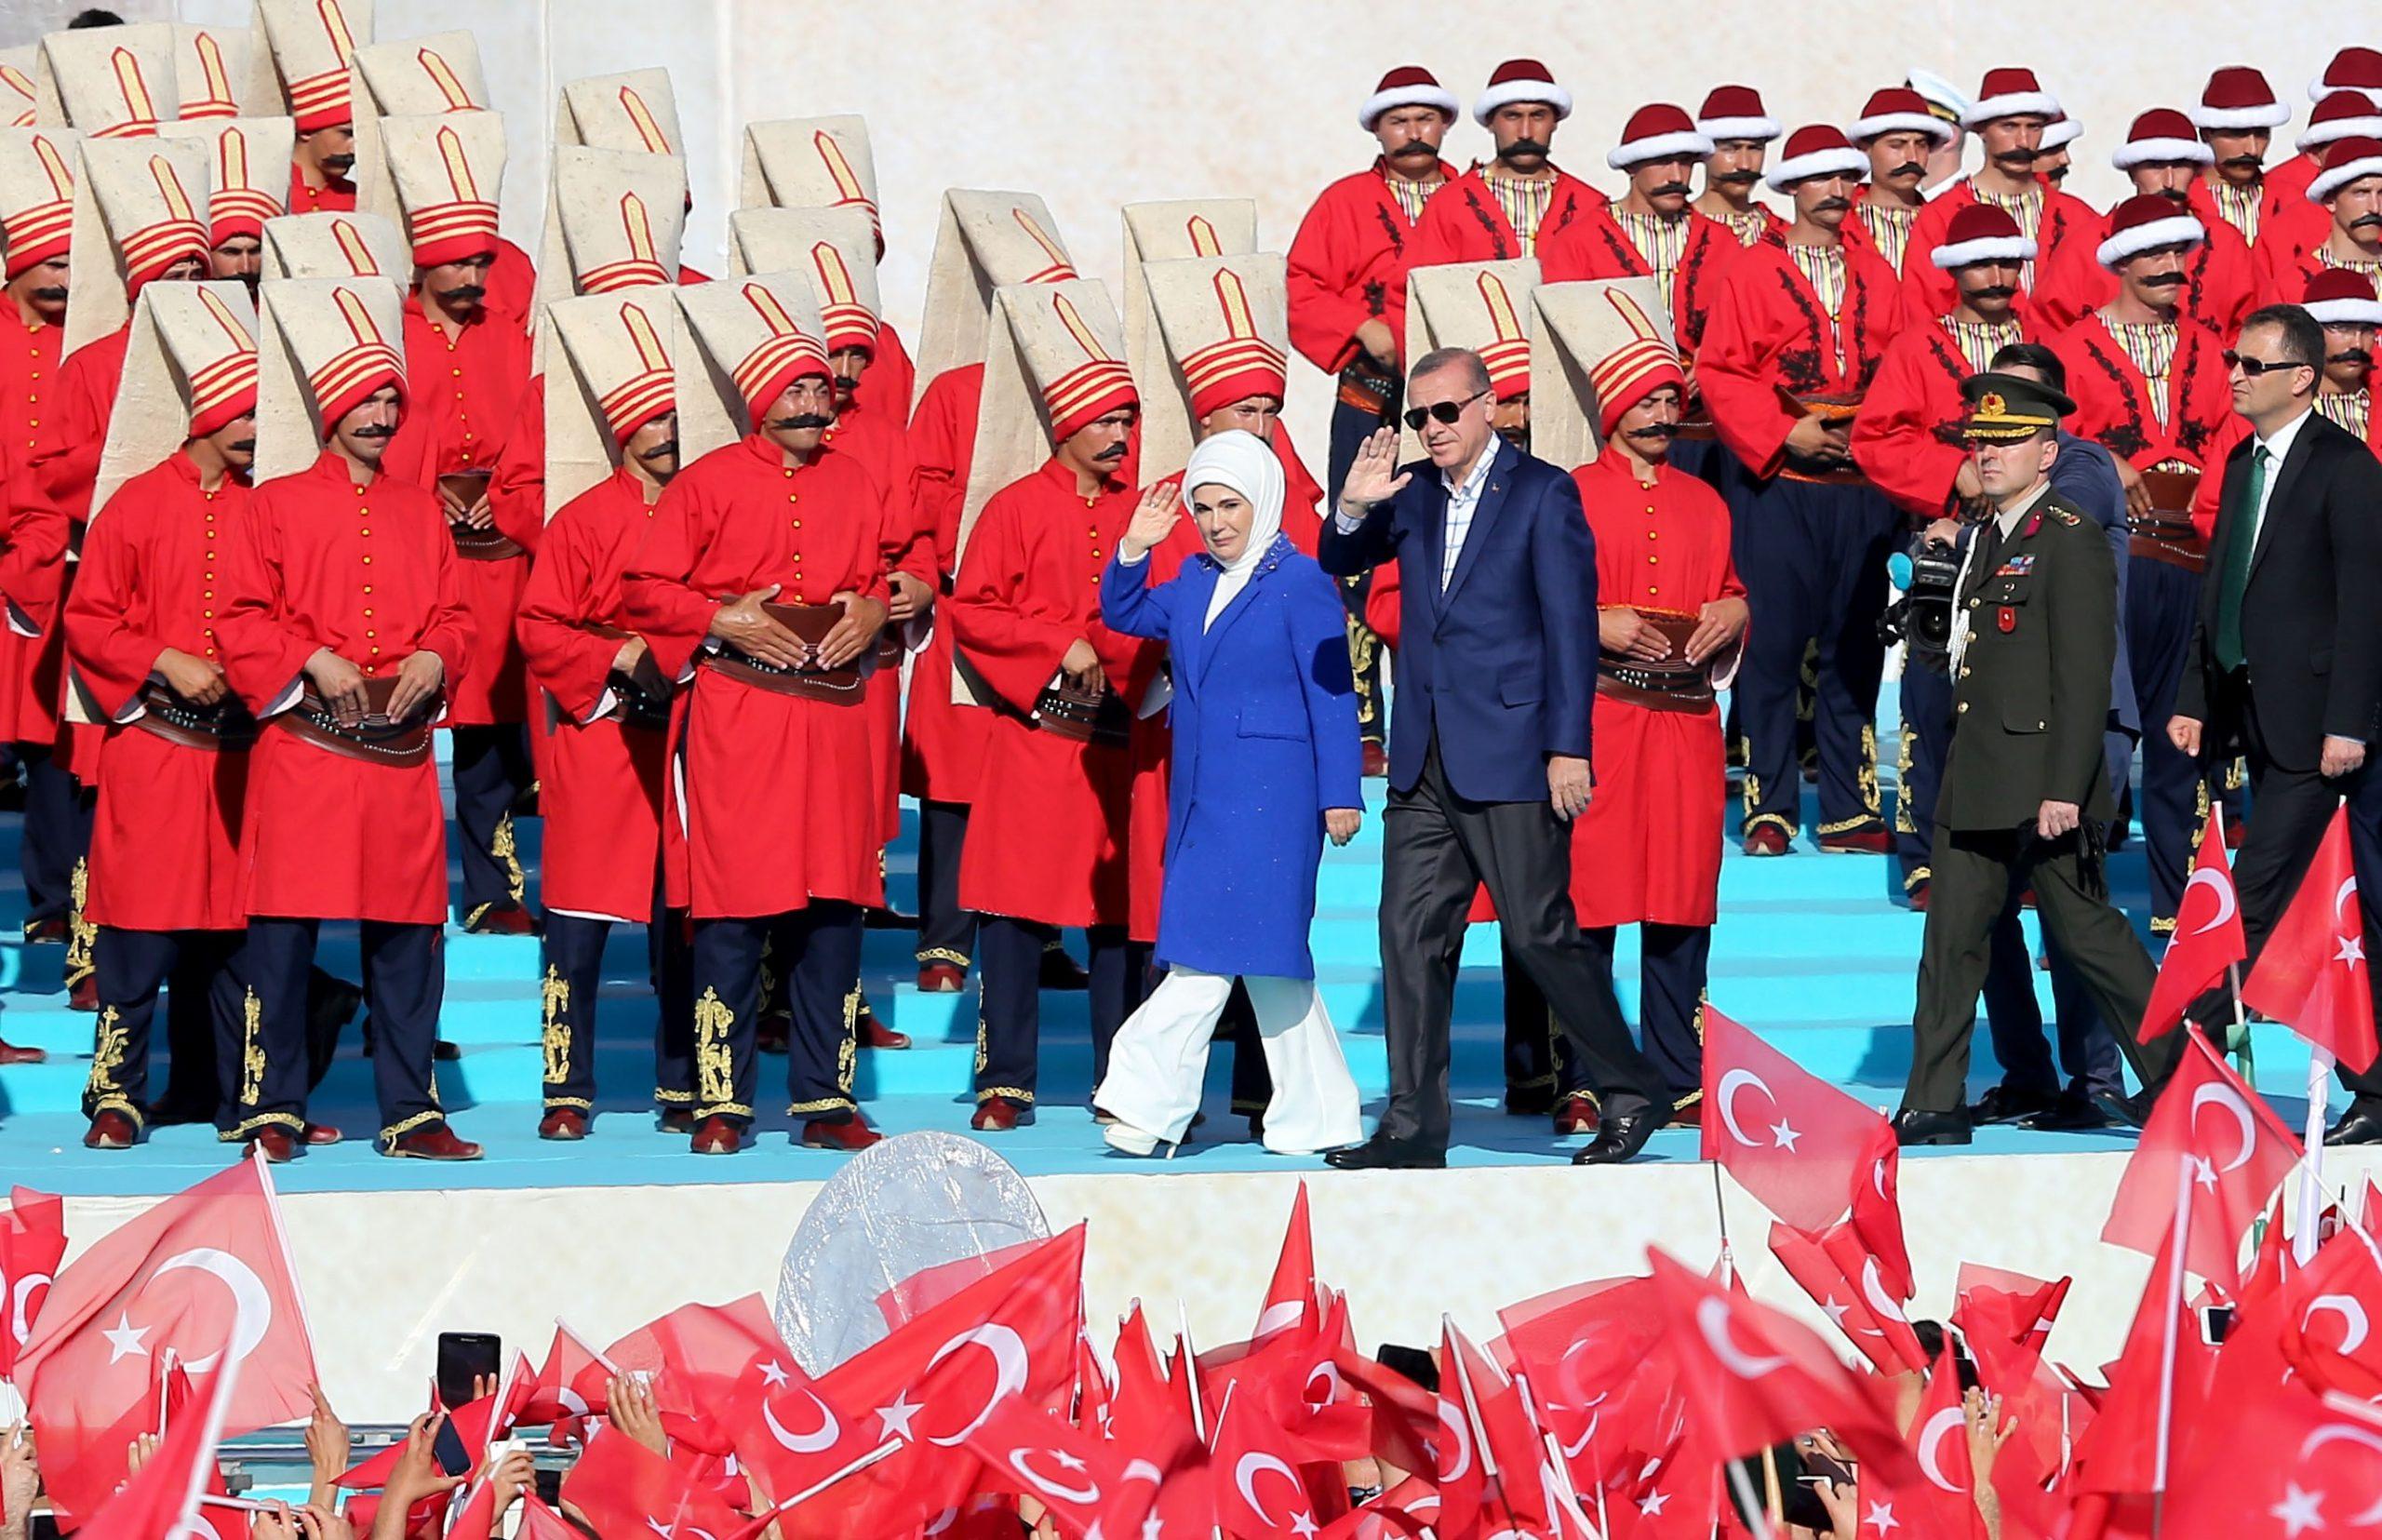 Νέες Επικίνδυνες Εξαγωγές της Τουρκίας: Παν-Ισλαμισμός, Νέο-οθωμανικά Οράματα και Περιφερειακή Αστάθεια